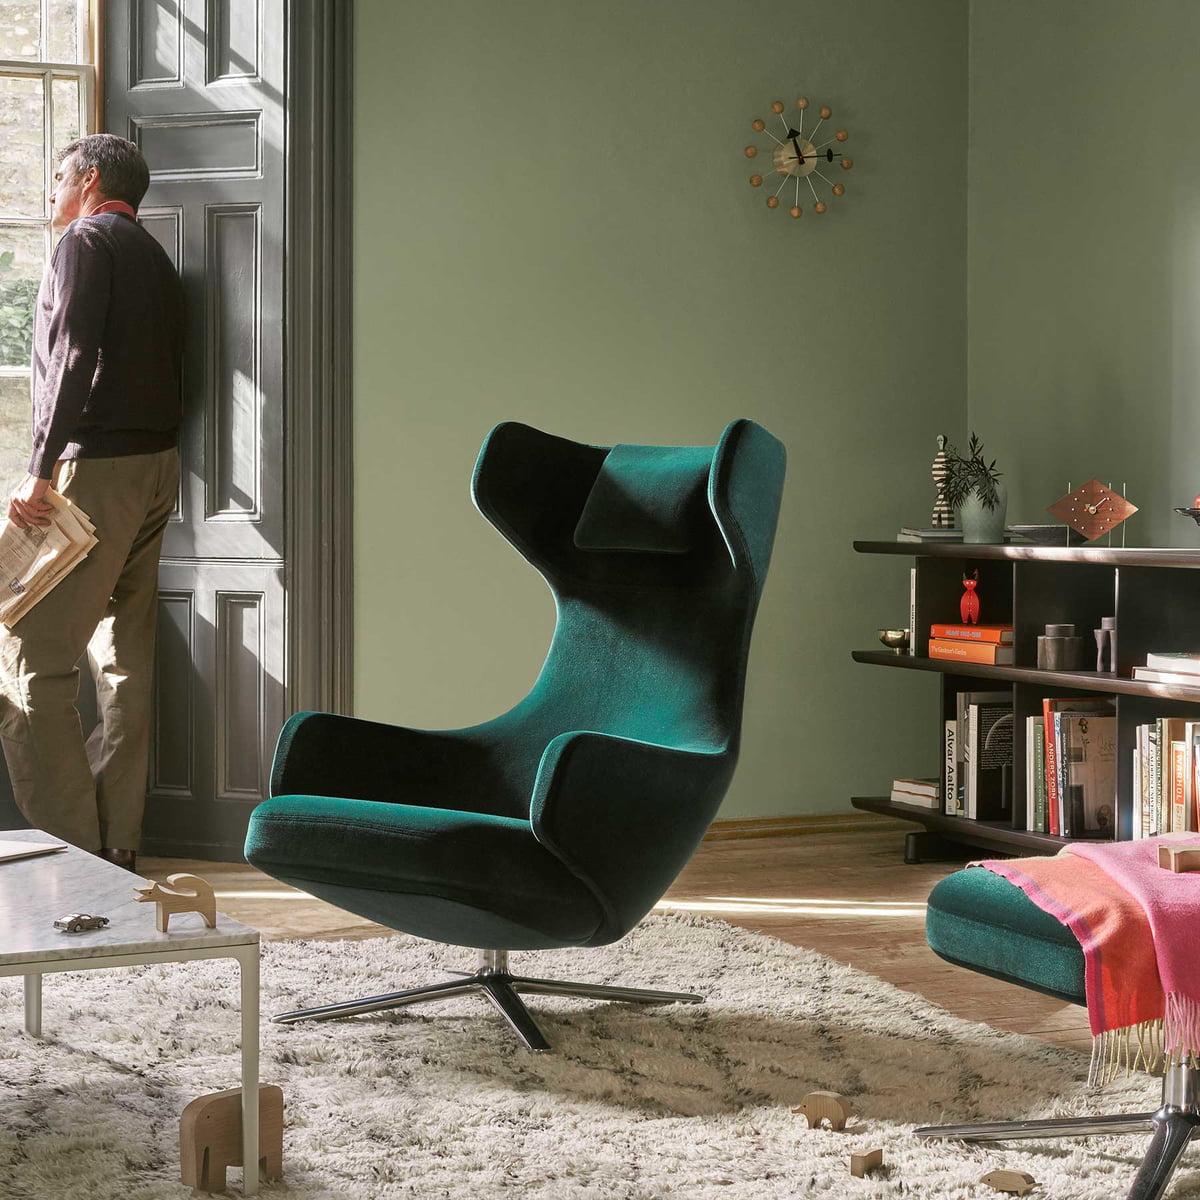 Excellent Ohrensessel Design Vitra Die Mobel Ikonischer Sessel Wird Neu  With Weier Ohrensessel